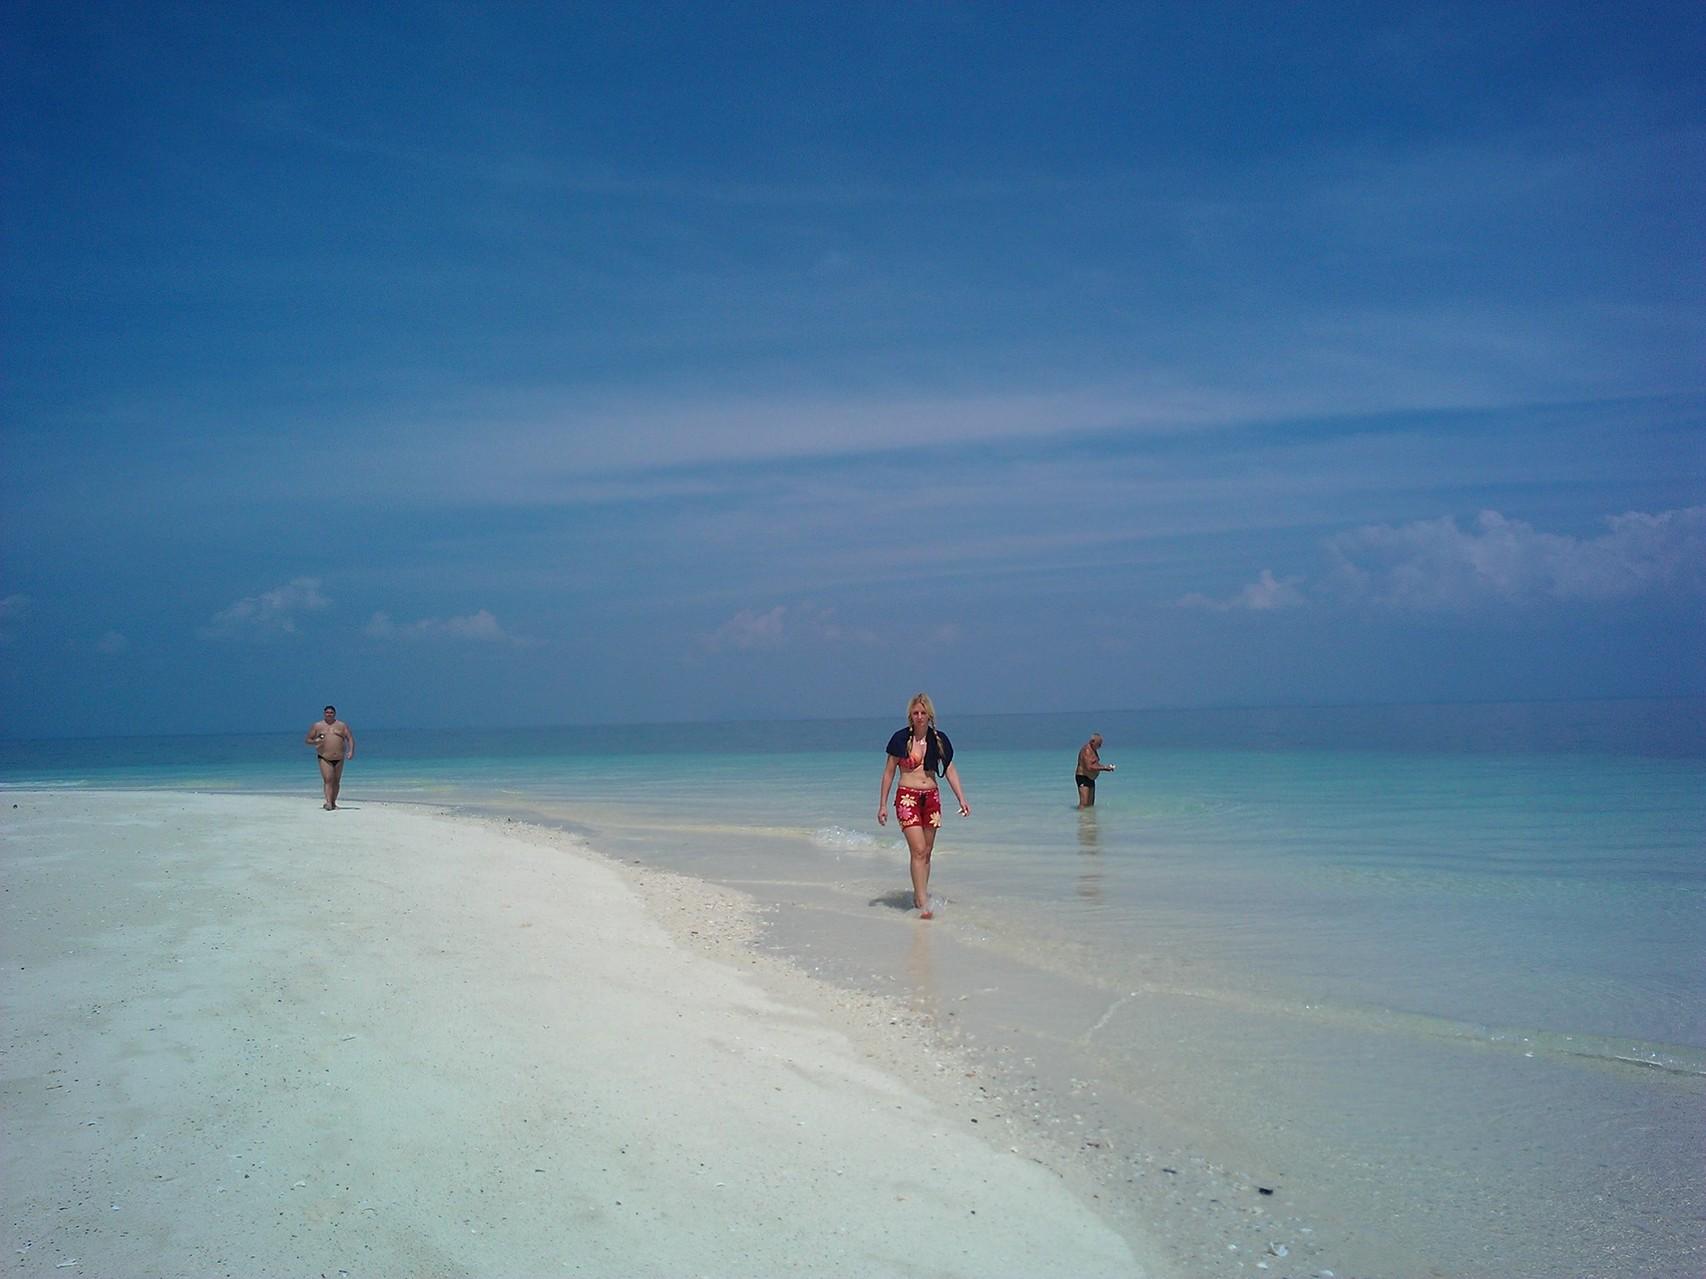 Die Wasserqualität auf den Inseln lässt keine Wünsche offen, traumhaft klar und sauber!